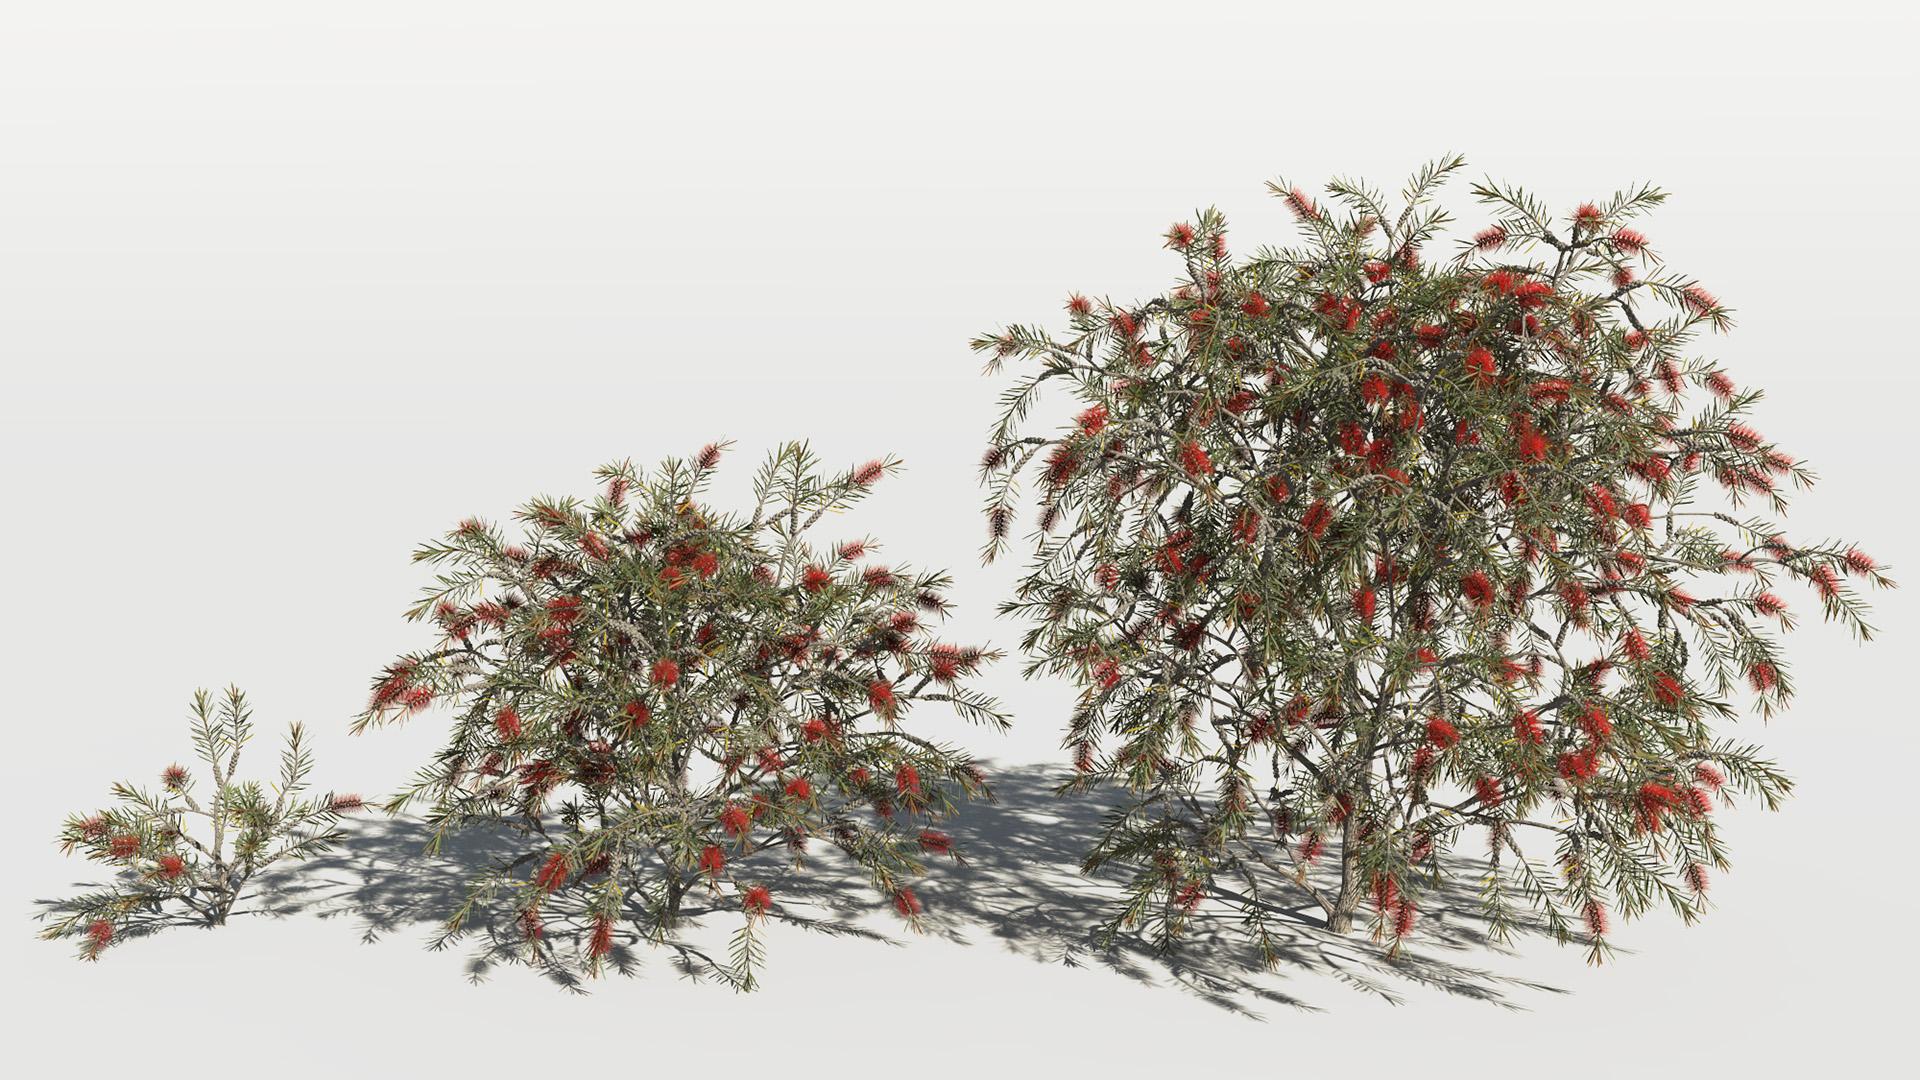 3D model of the Bottlebrush rigidus Callistemon rigidus maturity variations